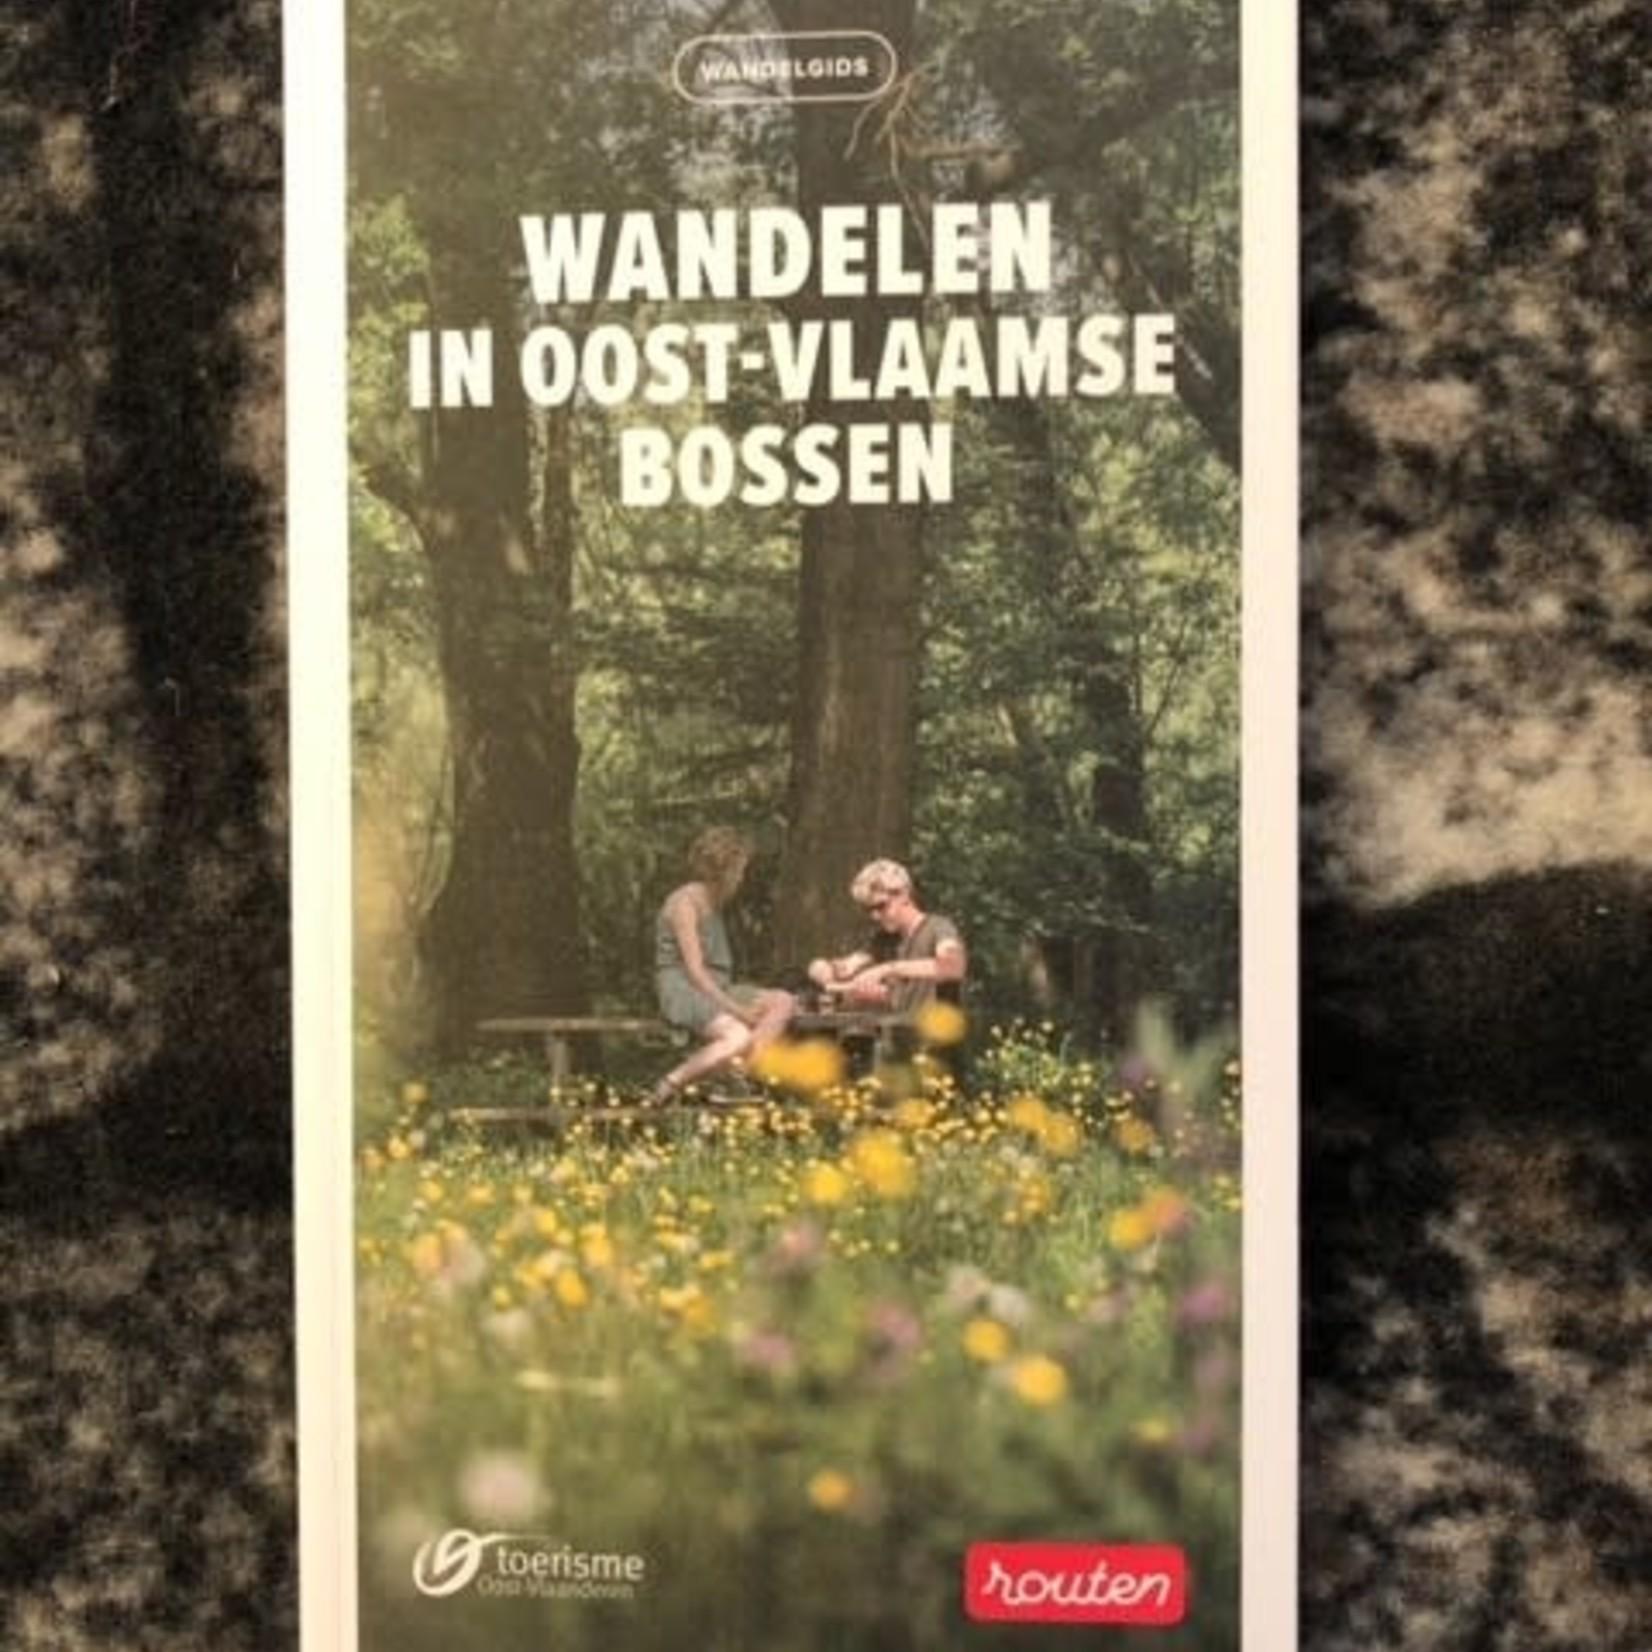 Wandelen in Oost-Vlaamse bossen